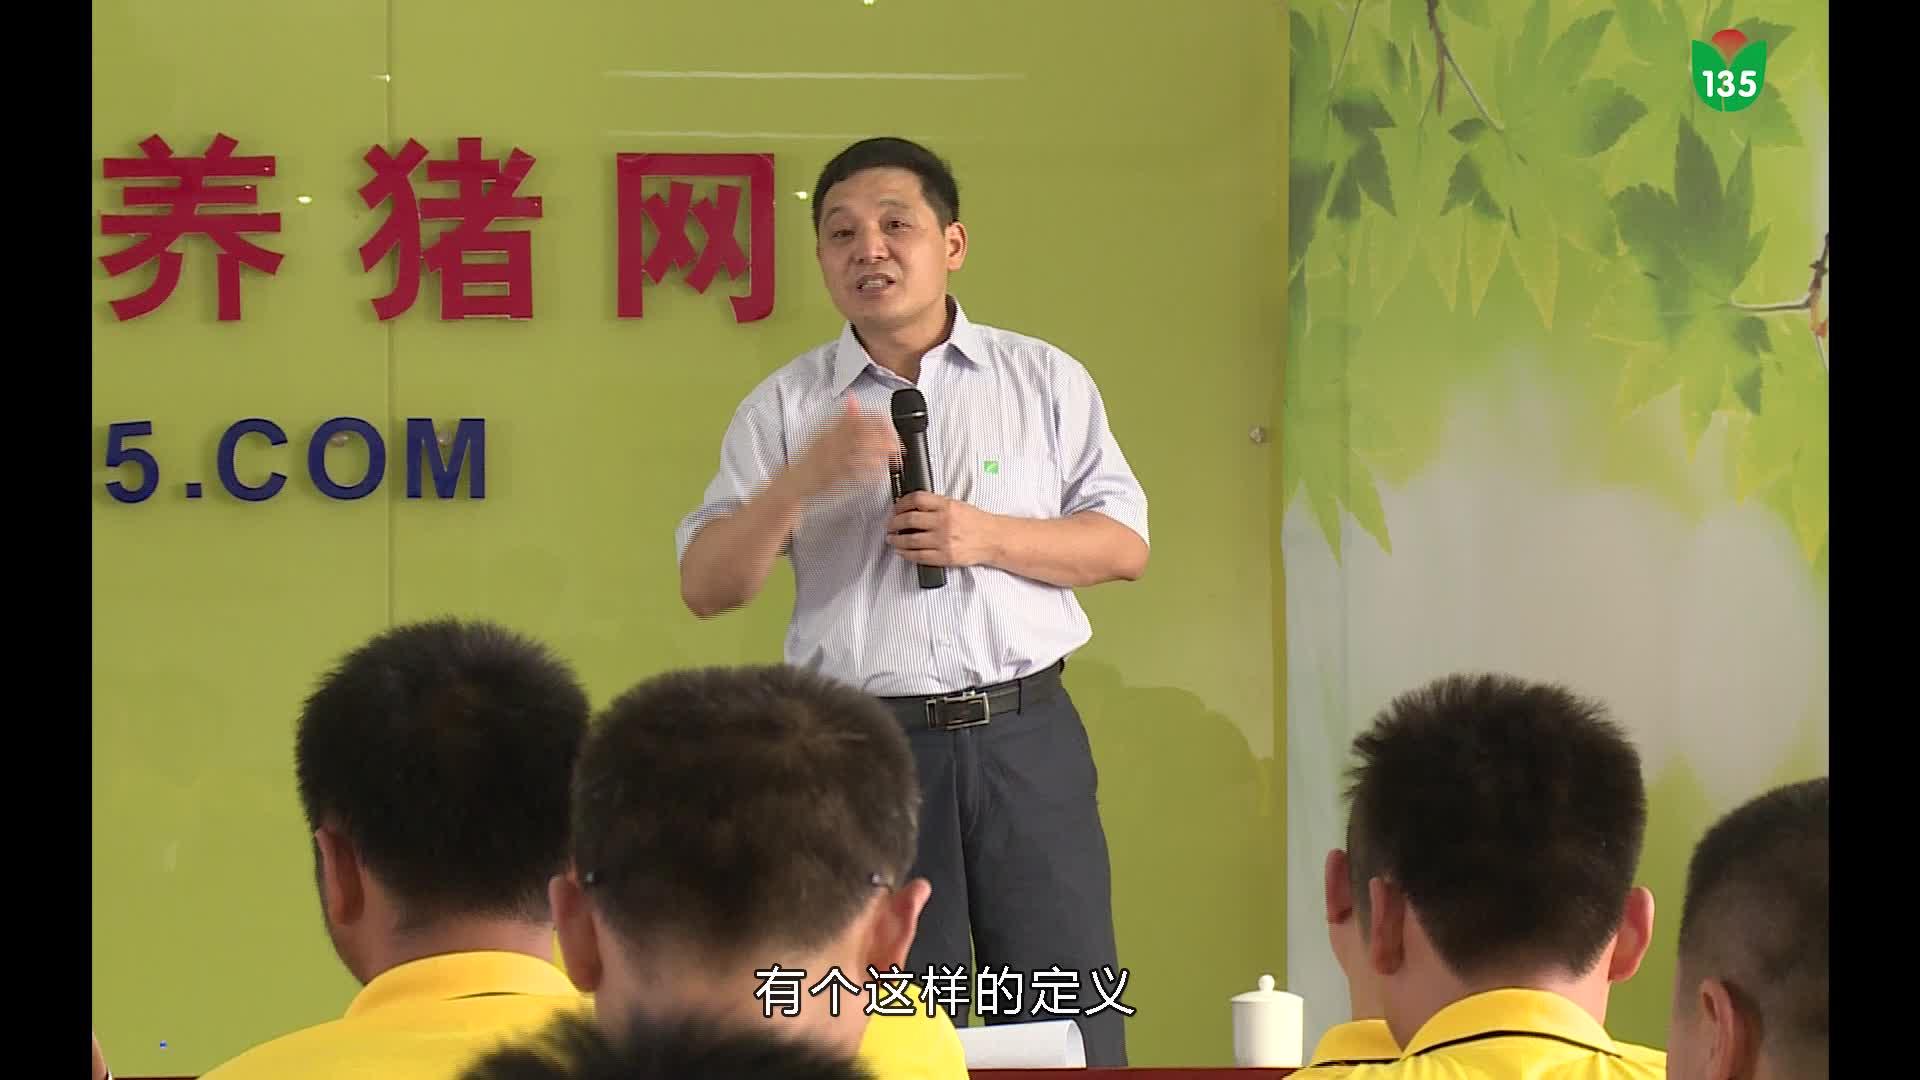 视频:135高效保健养猪技术之保健养猪原理(文利新教授)